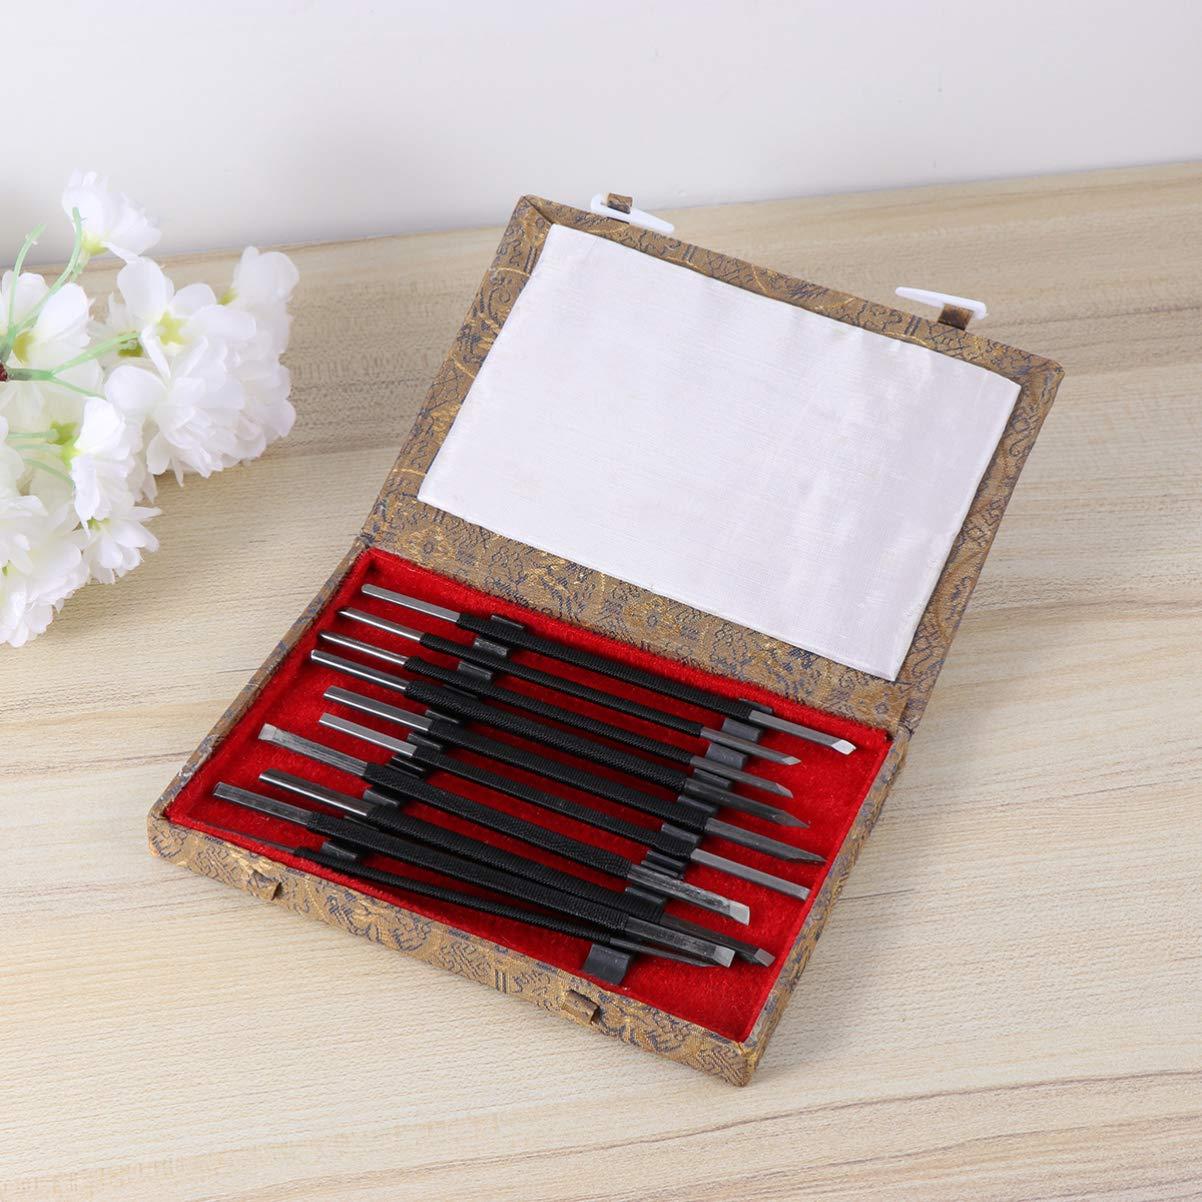 Artibetter 10 piezas de herramientas de talla de madera con caja de almacenamiento para carpinter/ía y grabado